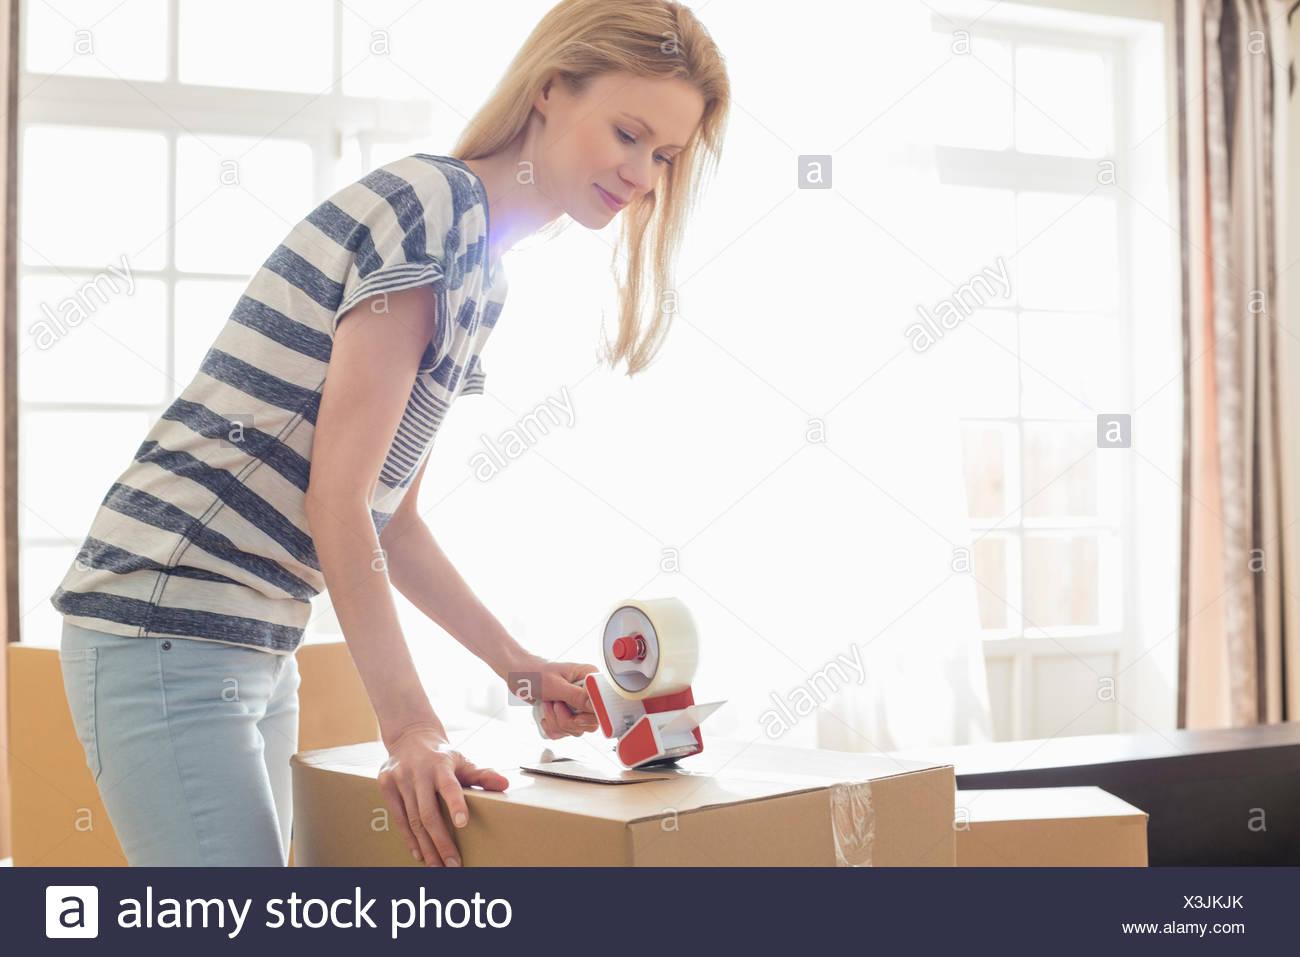 Woman packing déménagement fort à la maison Photo Stock